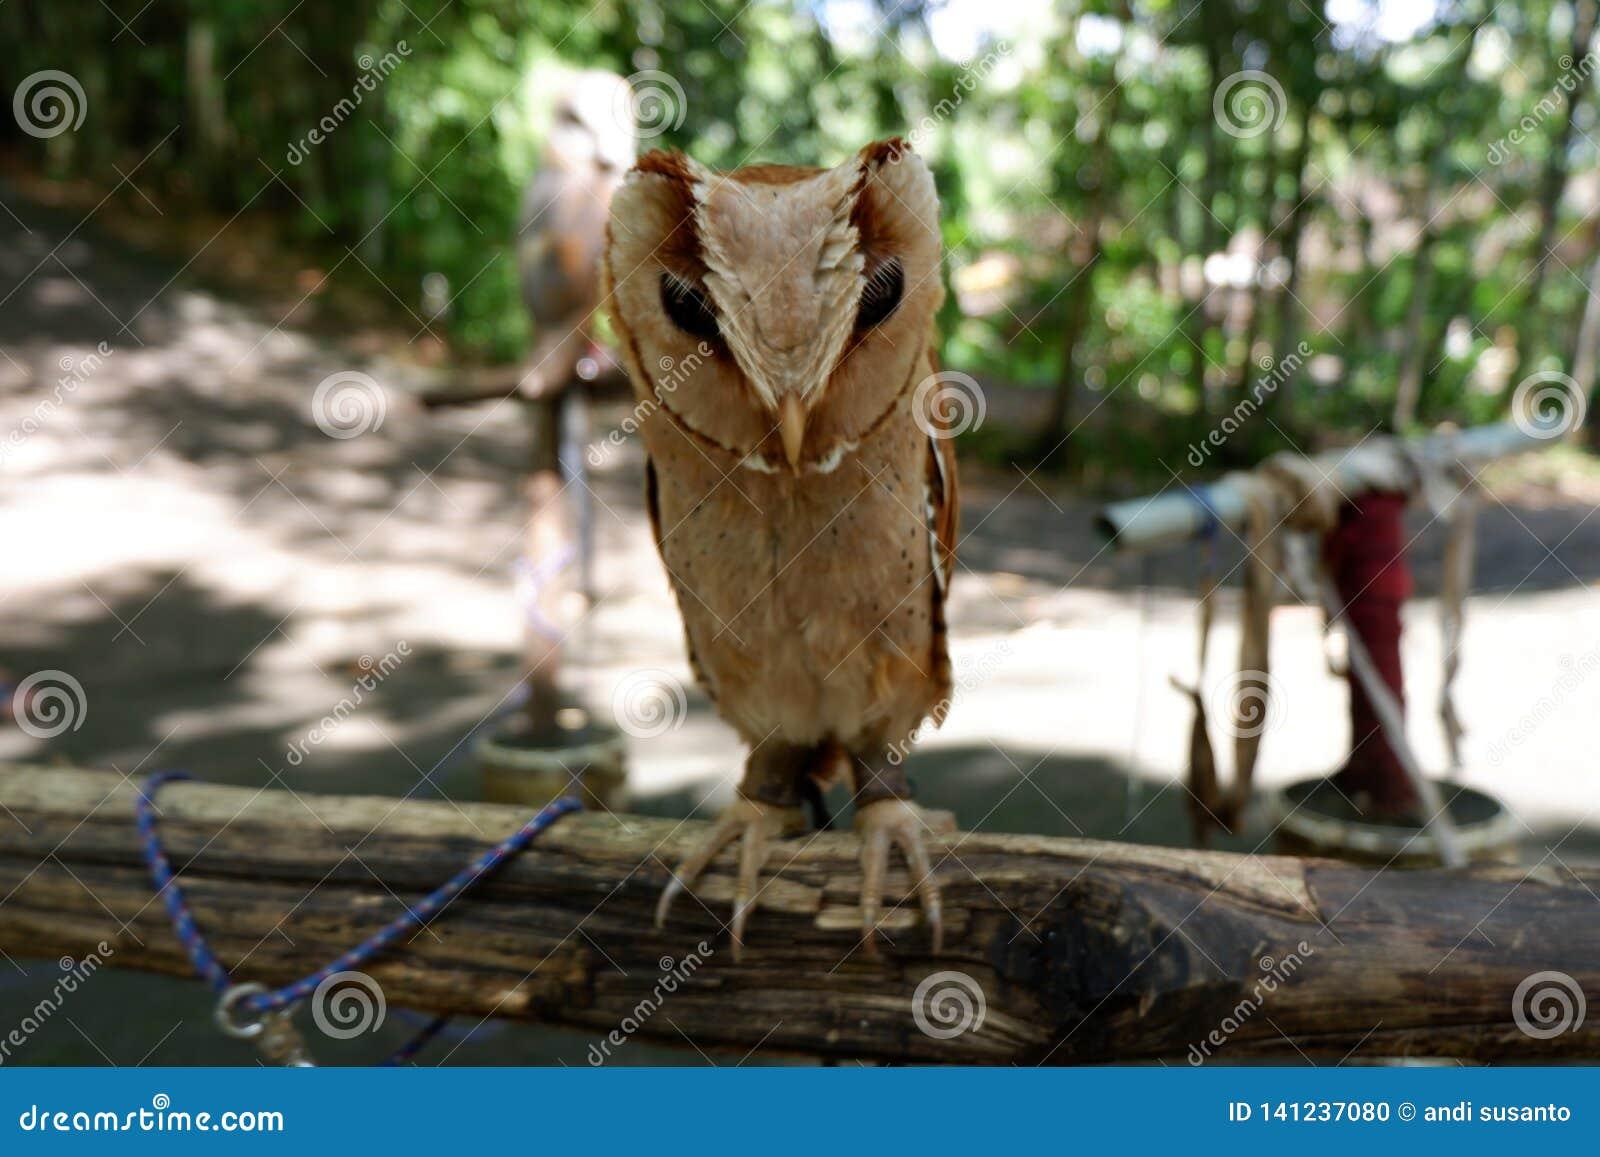 De uilen zijn zeldzaam met mooie ogen die in de wildernis leven